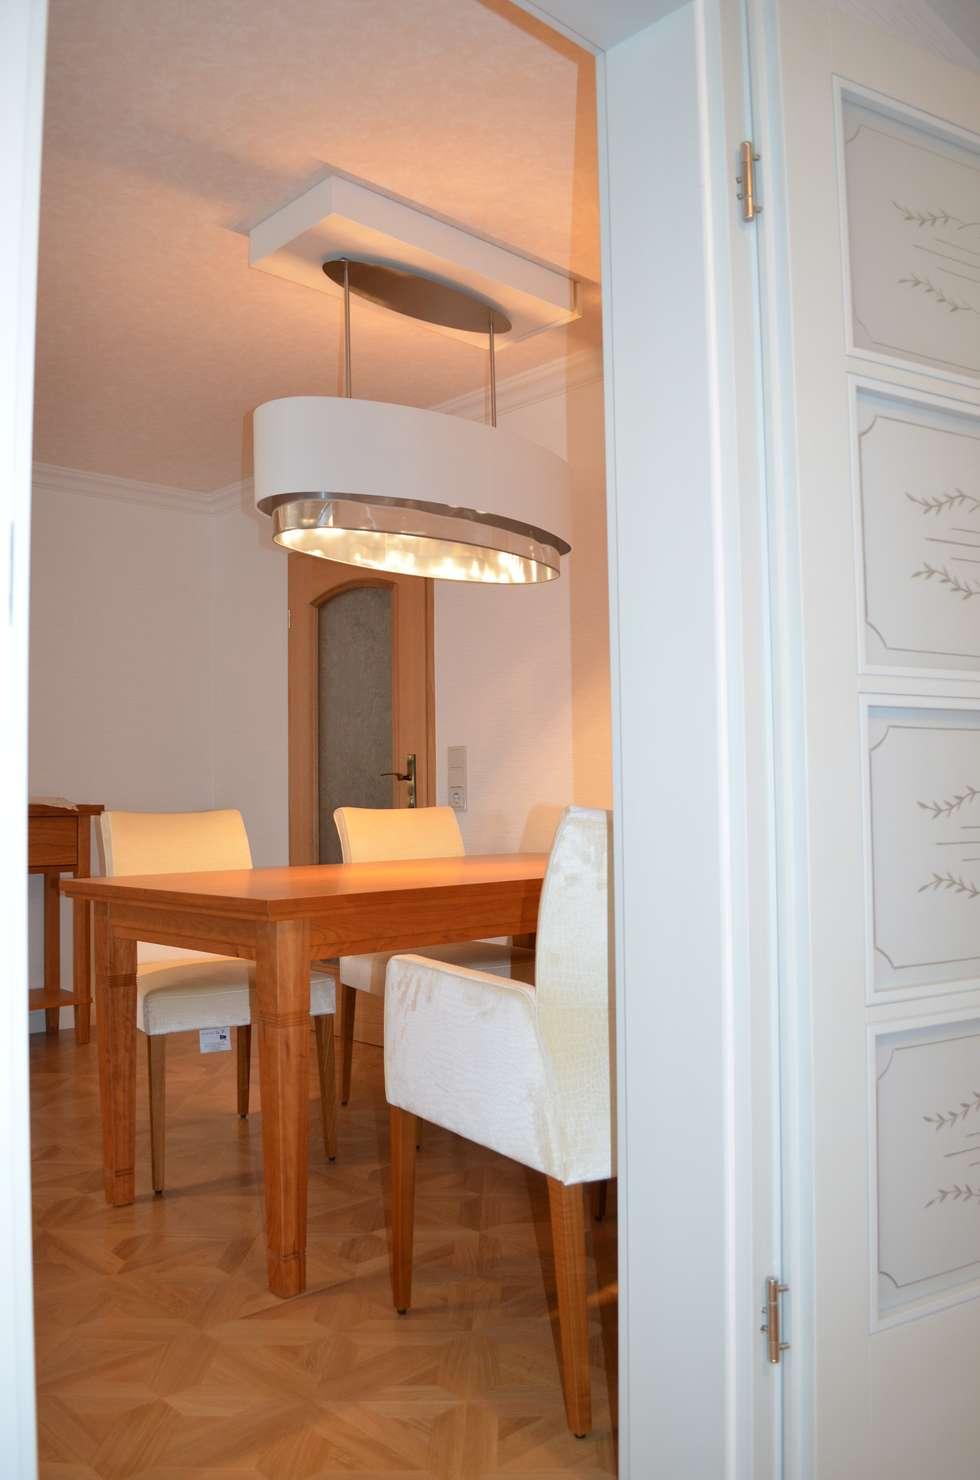 Wohnideen Lebedies wohnideen interior design einrichtungsideen bilder homify